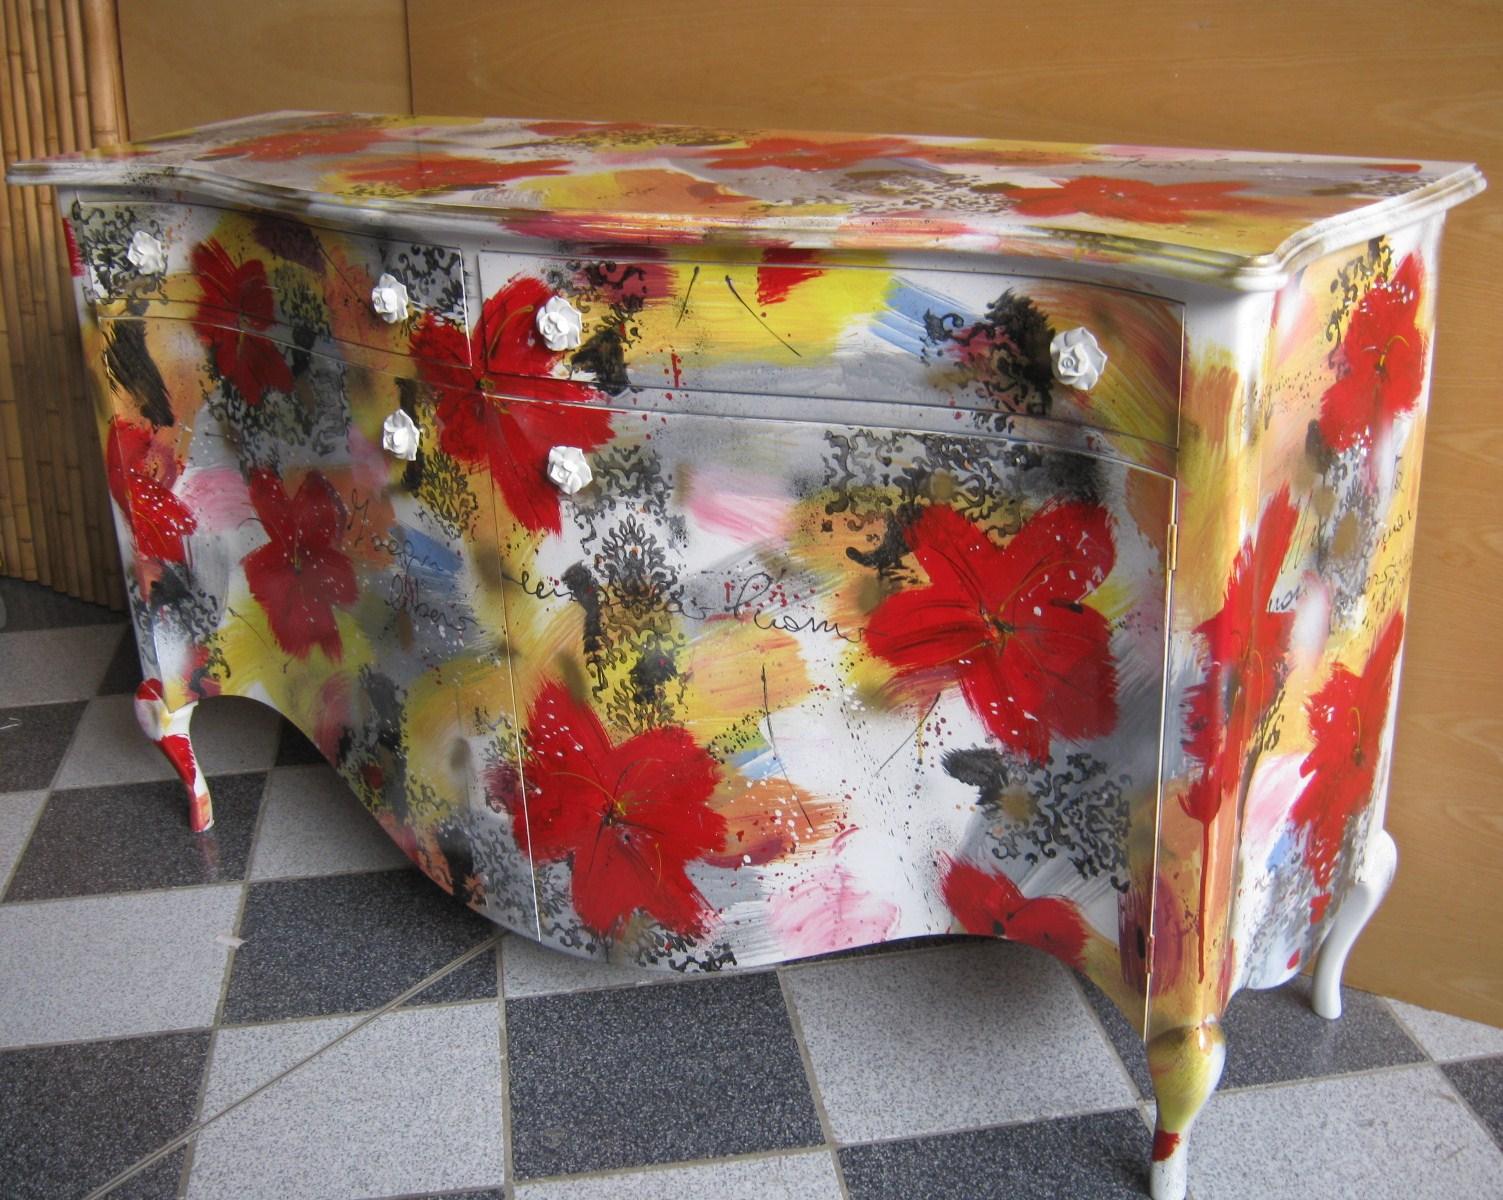 Arredi e mobili originali dipinti a mano arredamenti colorati for Mobili colorati moderni